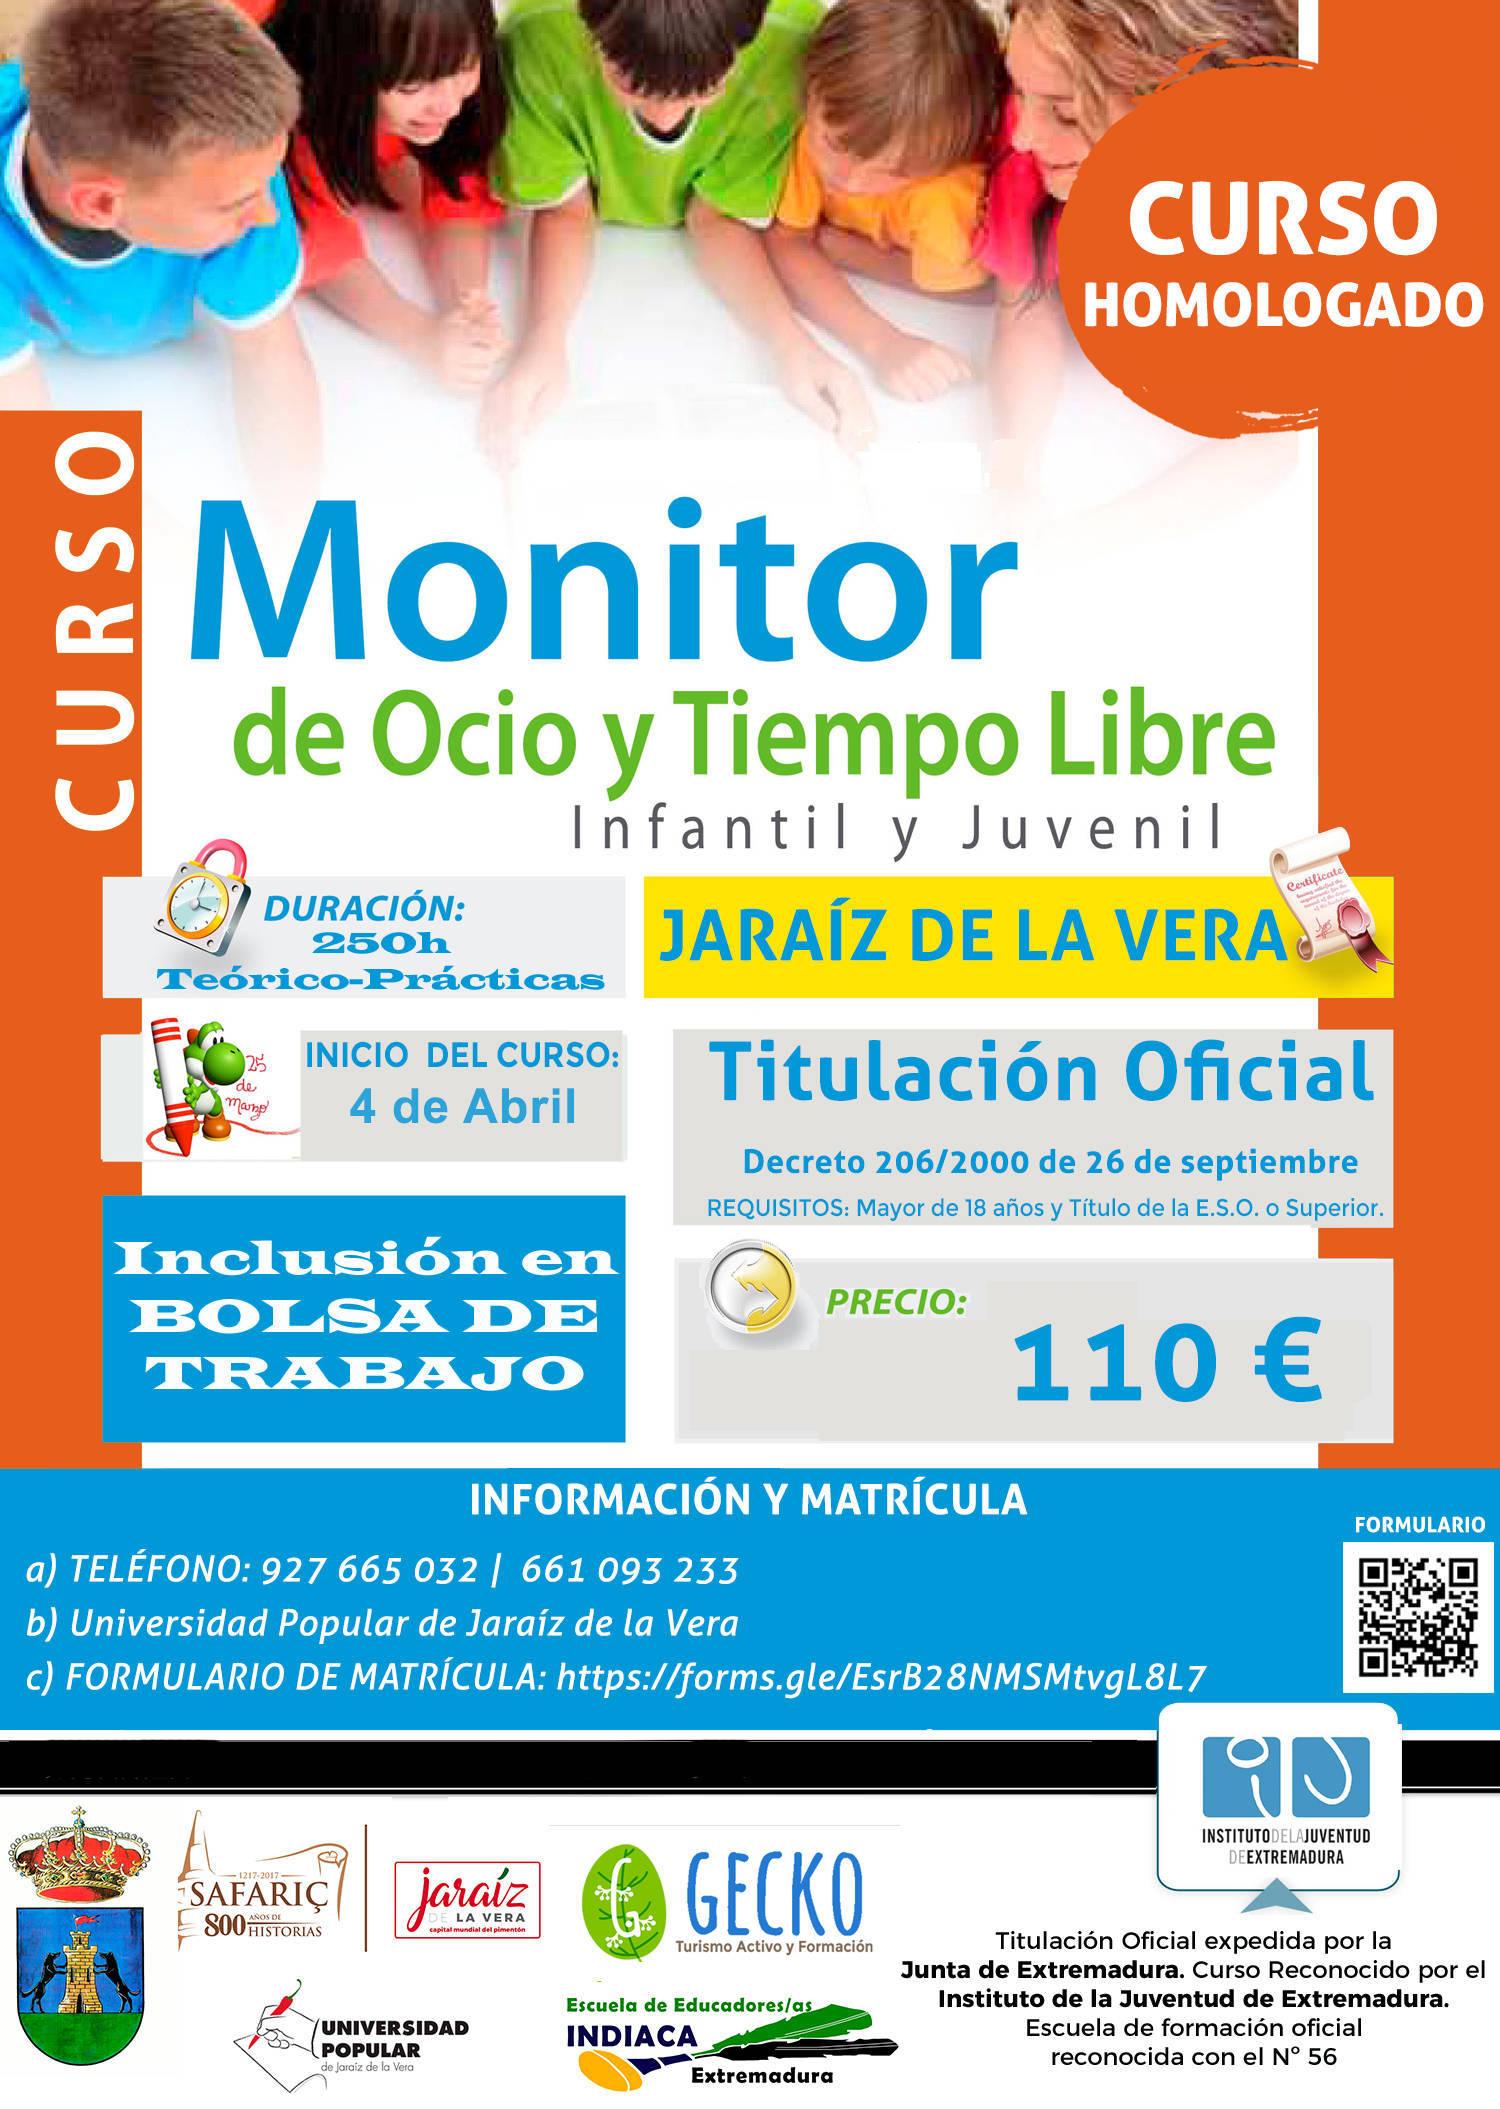 Curso de monitor de ocio y tiempo libre 2020 - Jaraíz de la Vera (Cáceres)